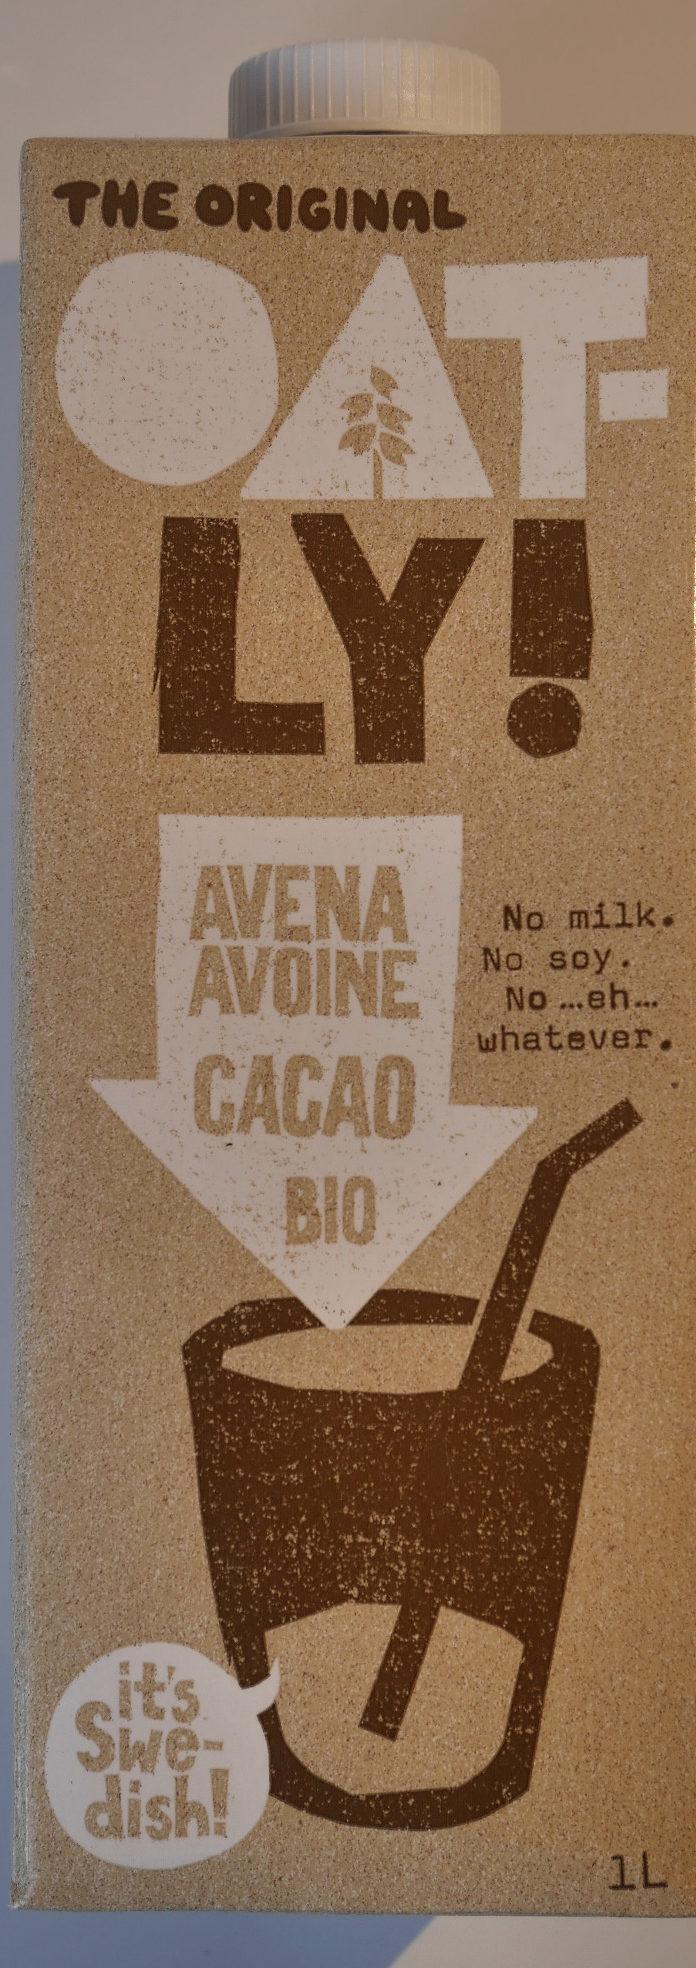 Oatly avena cacao bio - Produit